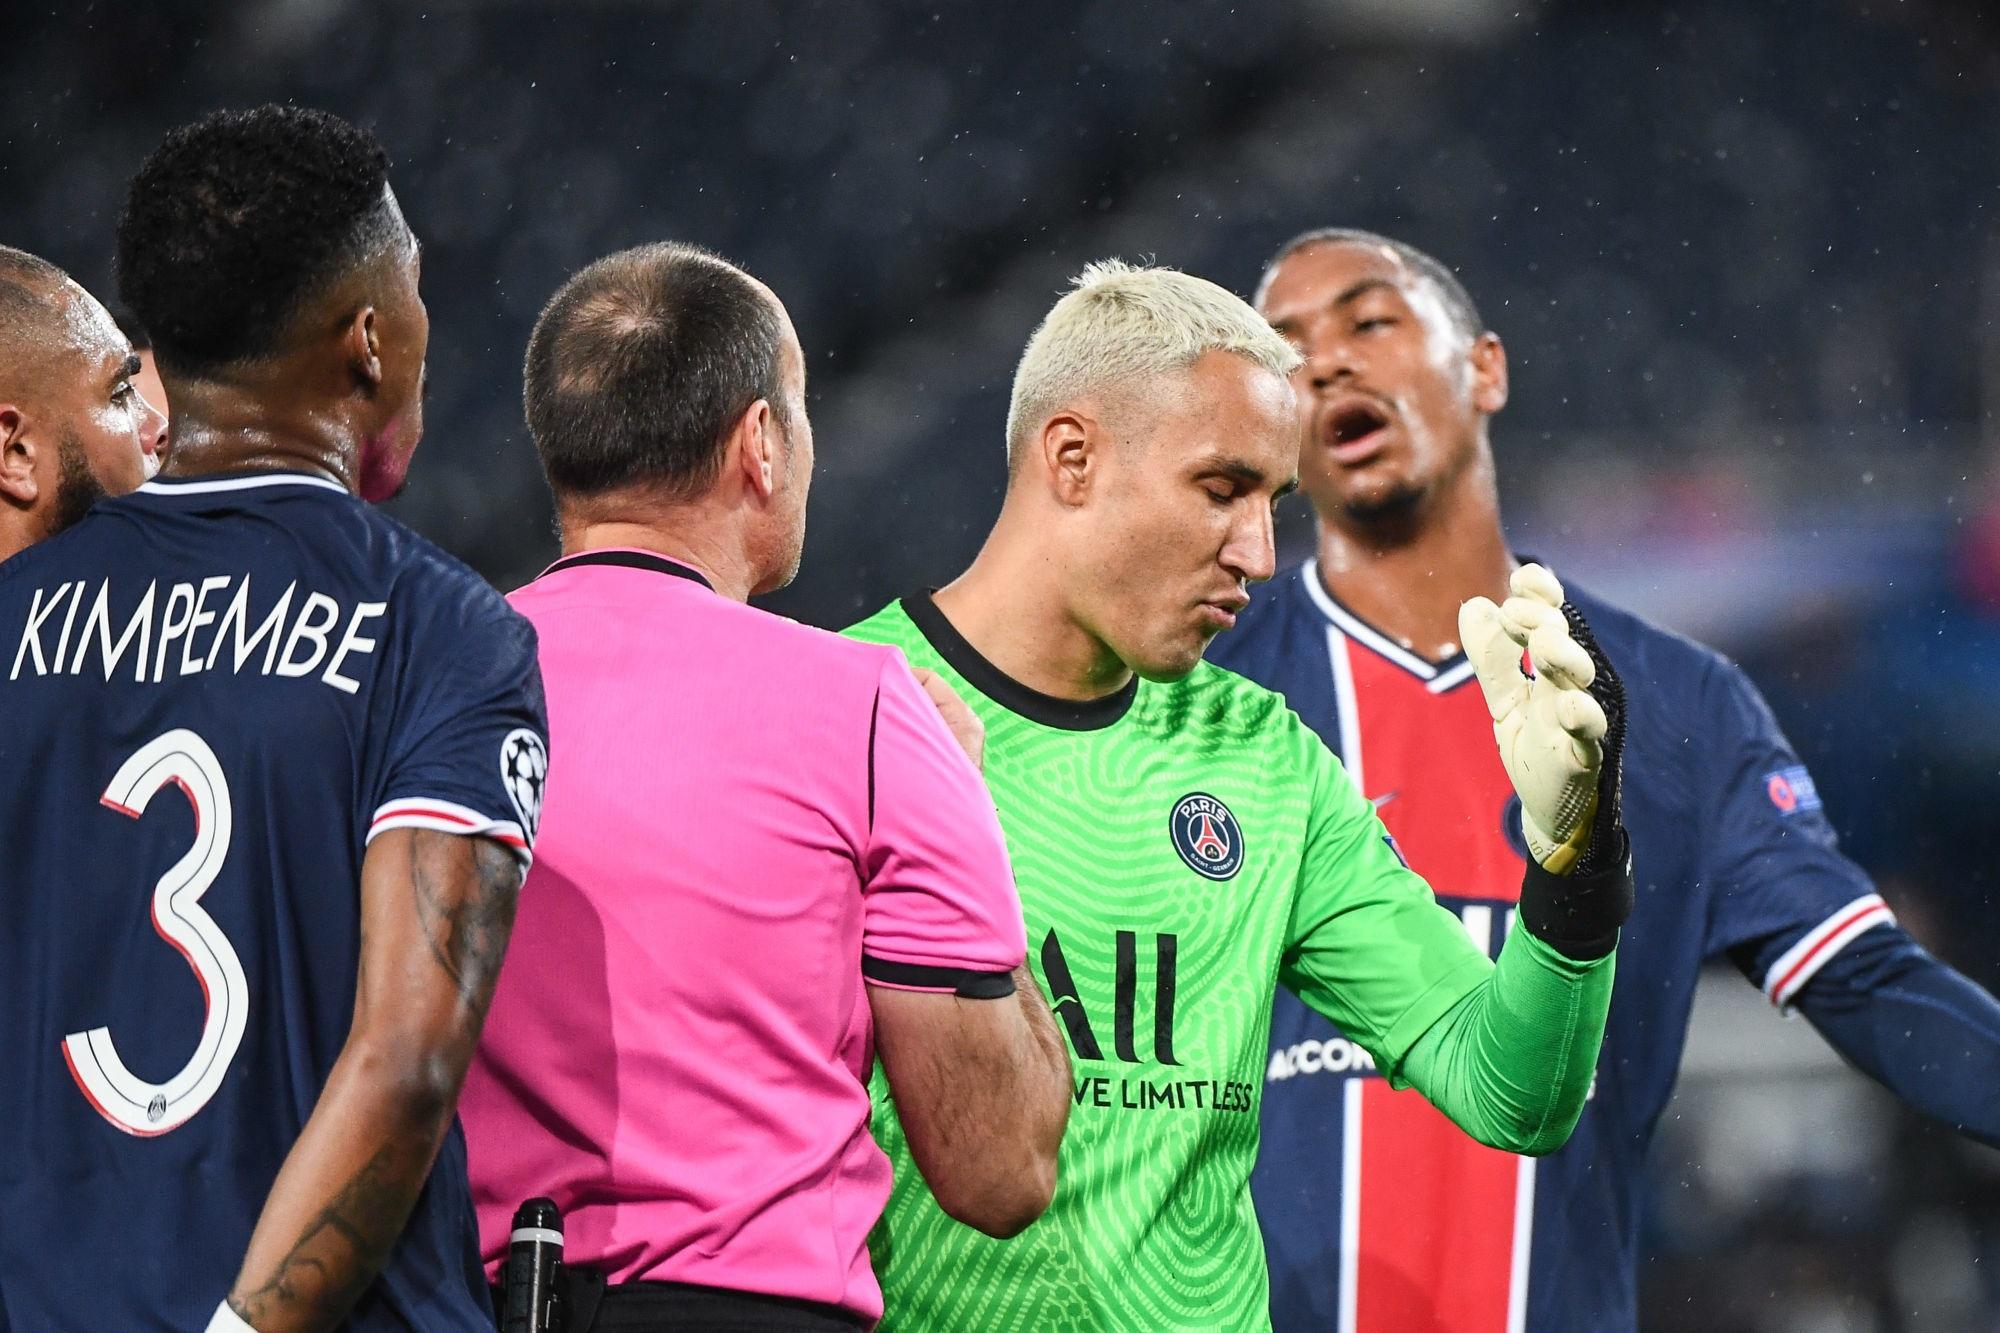 LDC - Le PSG est l'équipe qui concède et encaisse le plus de penalty depuis 2012